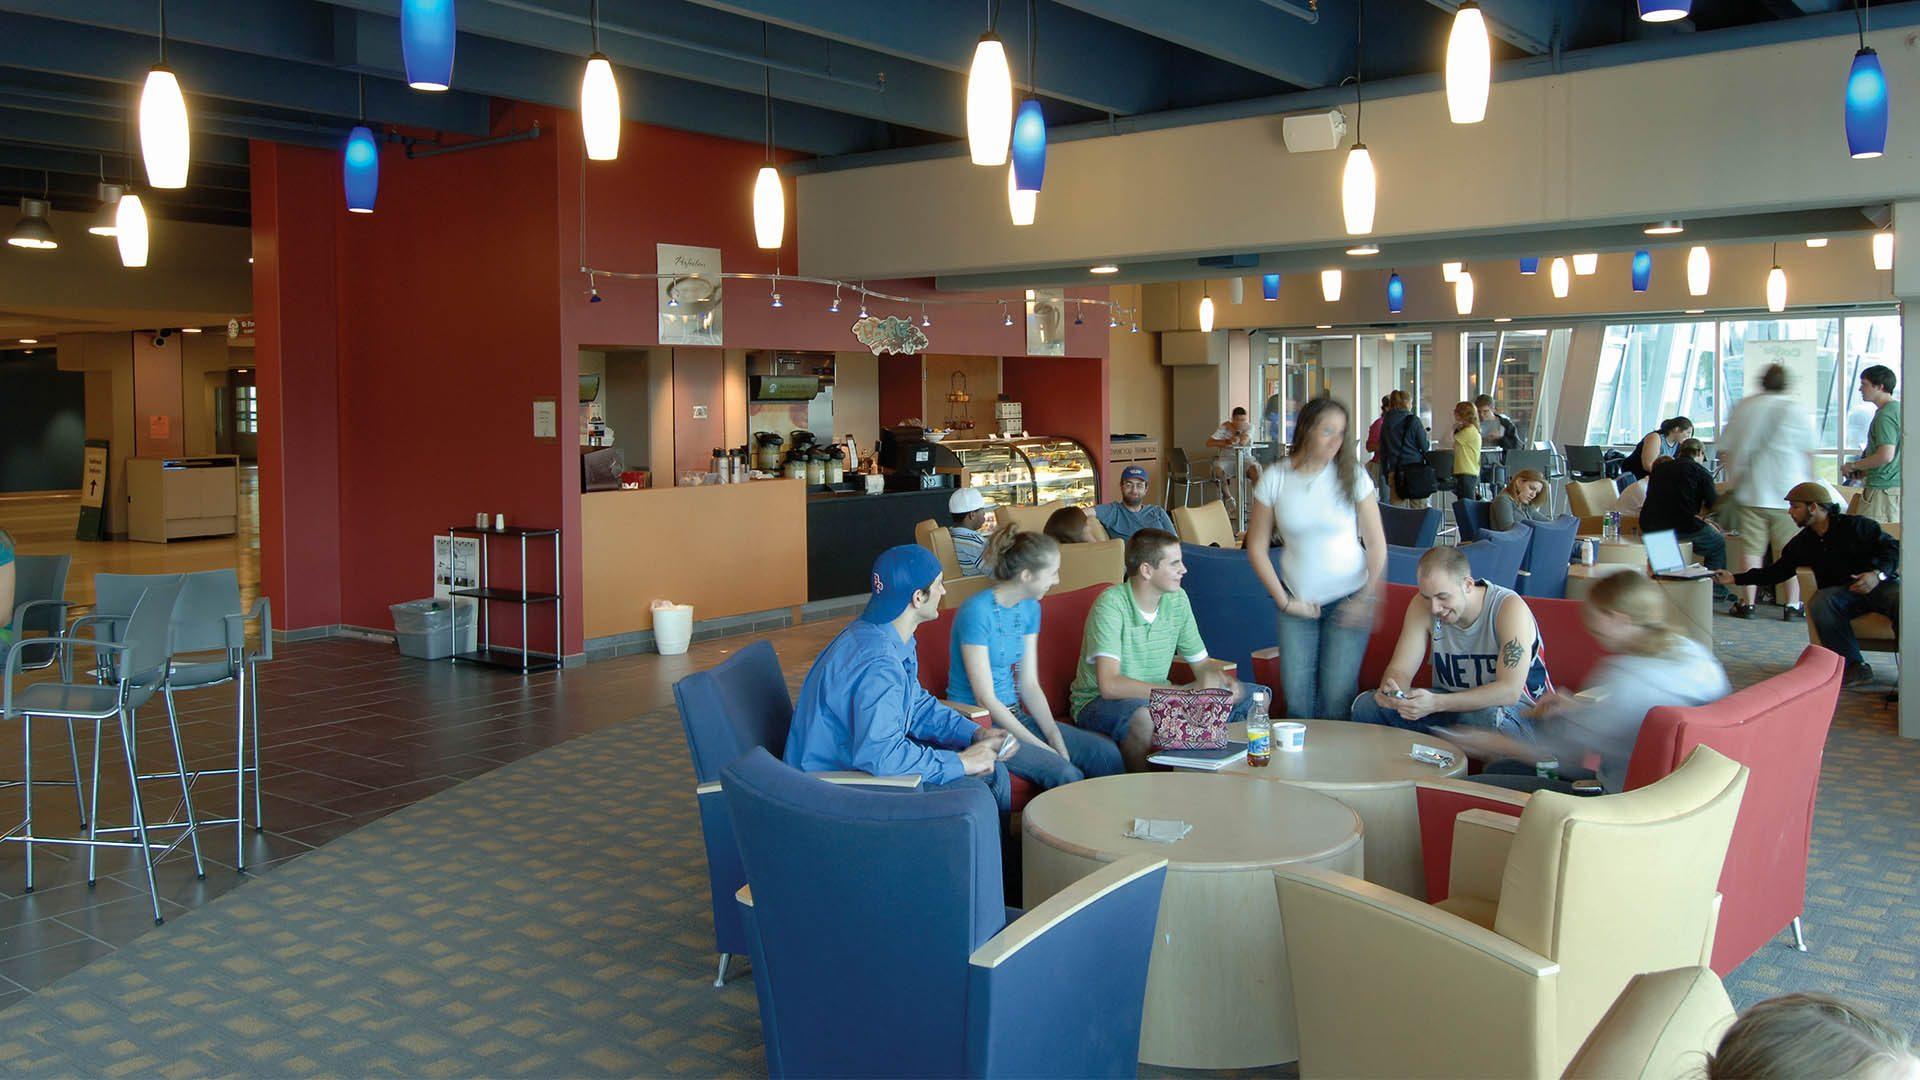 hvcc campus center